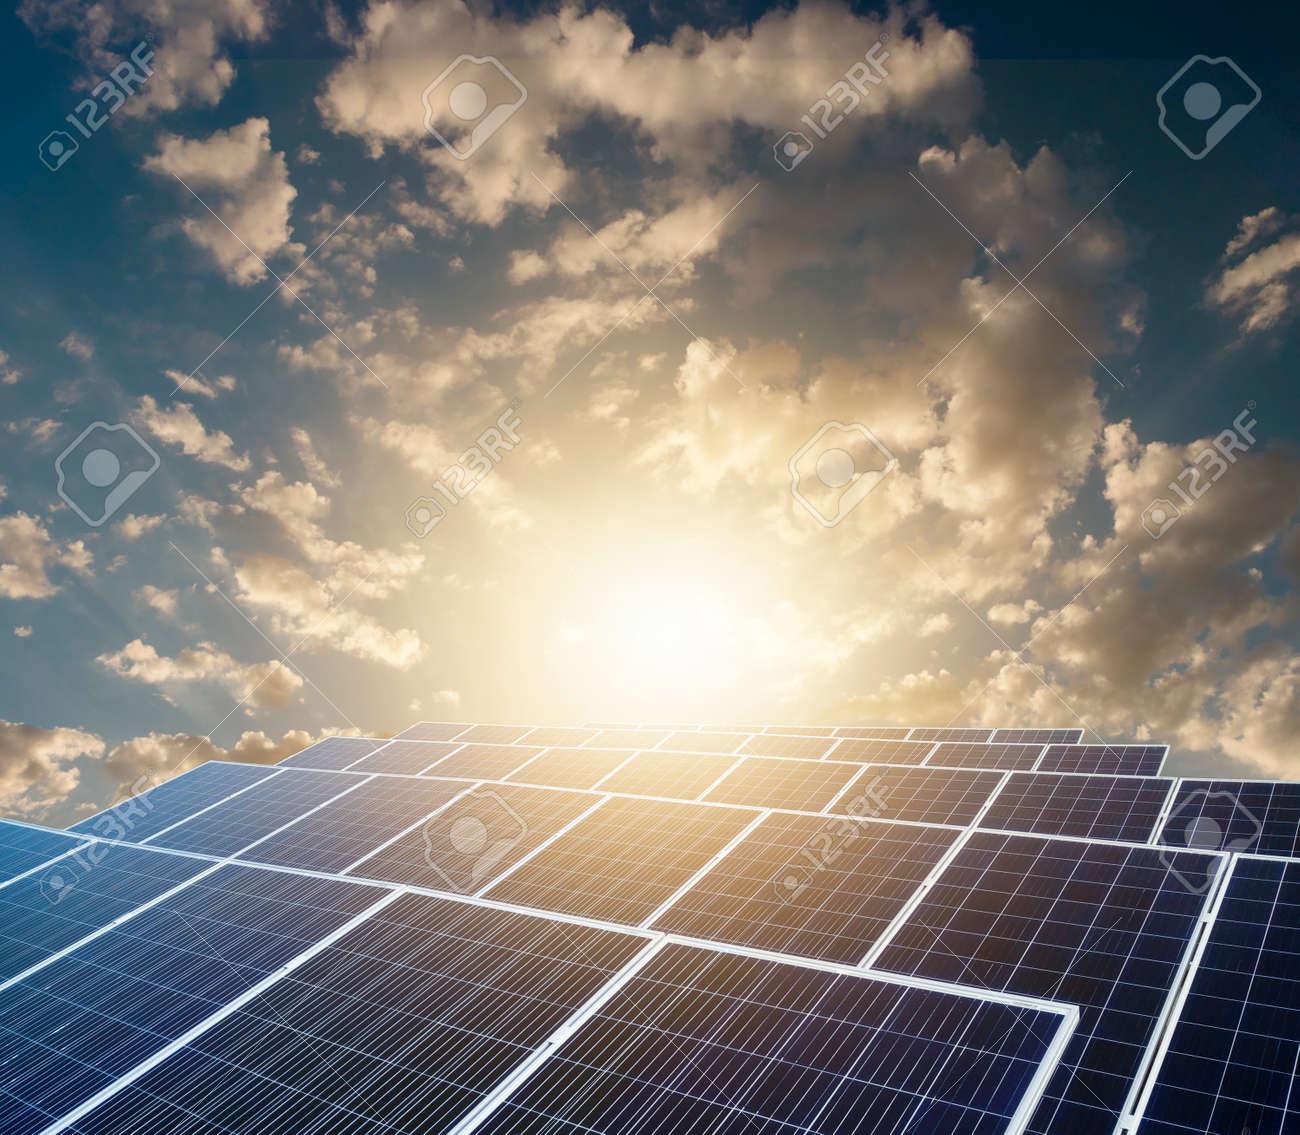 Sunset over Solar energy Farm plant. - 143702708